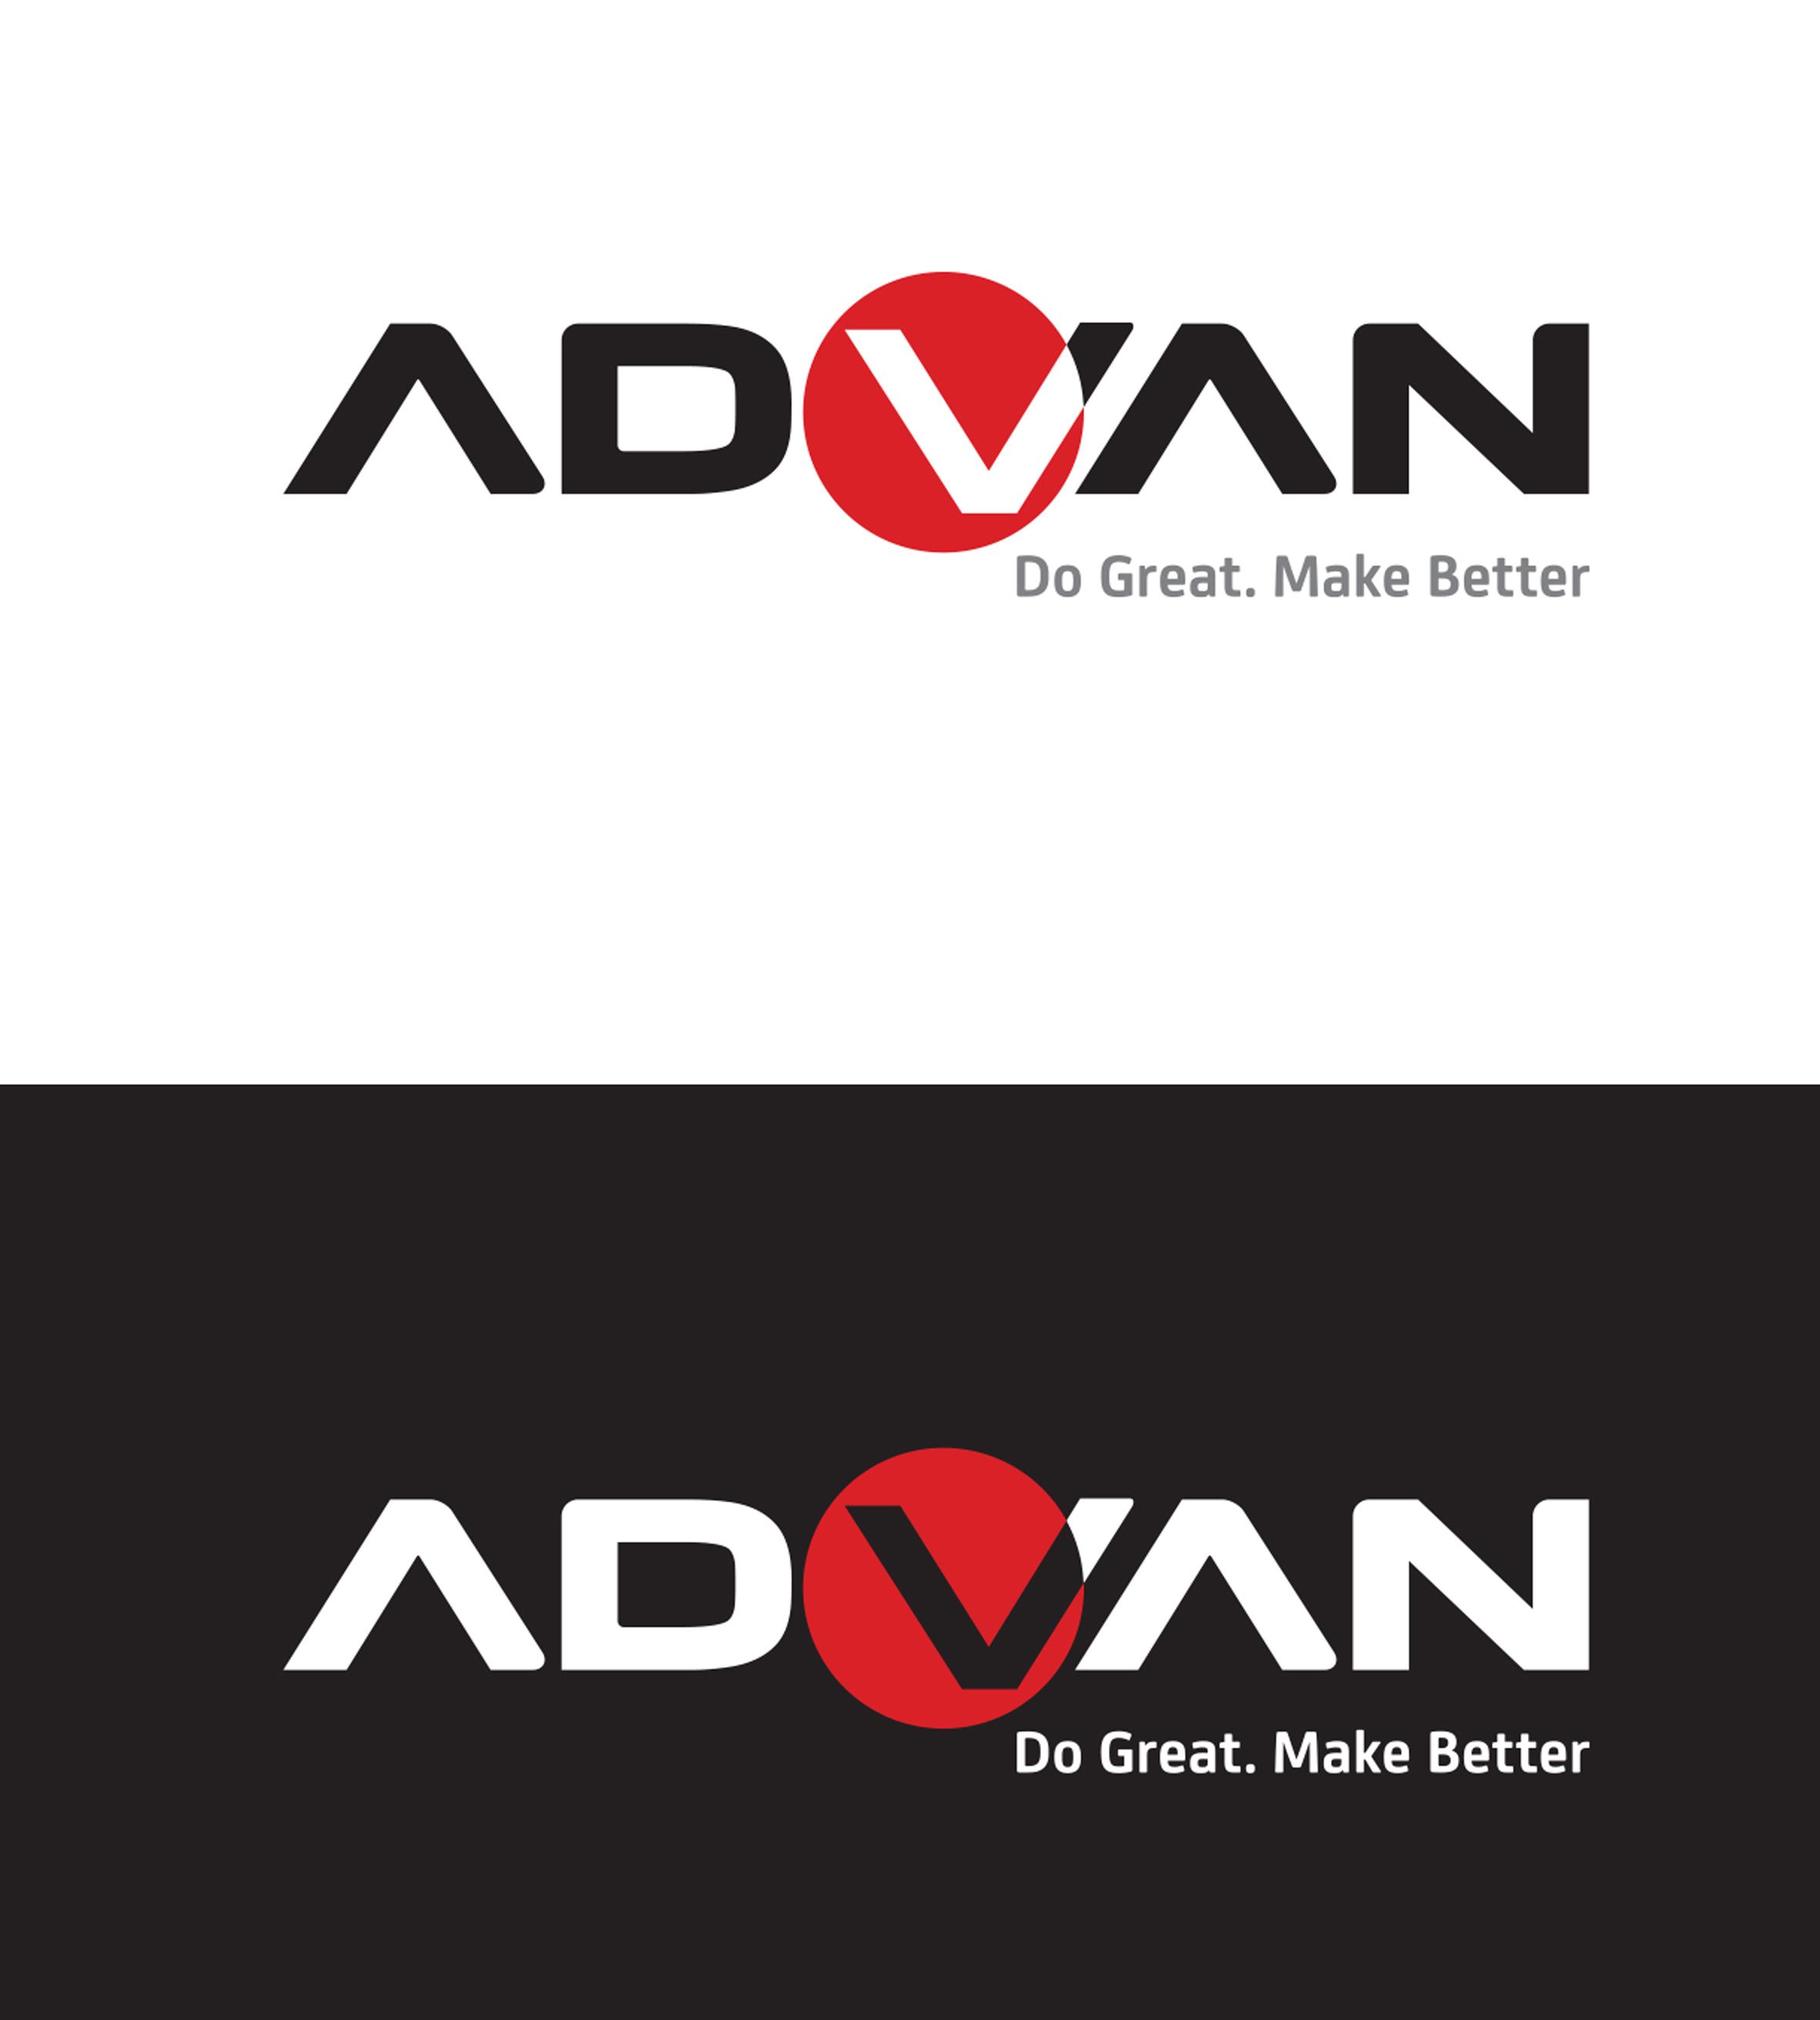 Logo Advan PNG - 115732